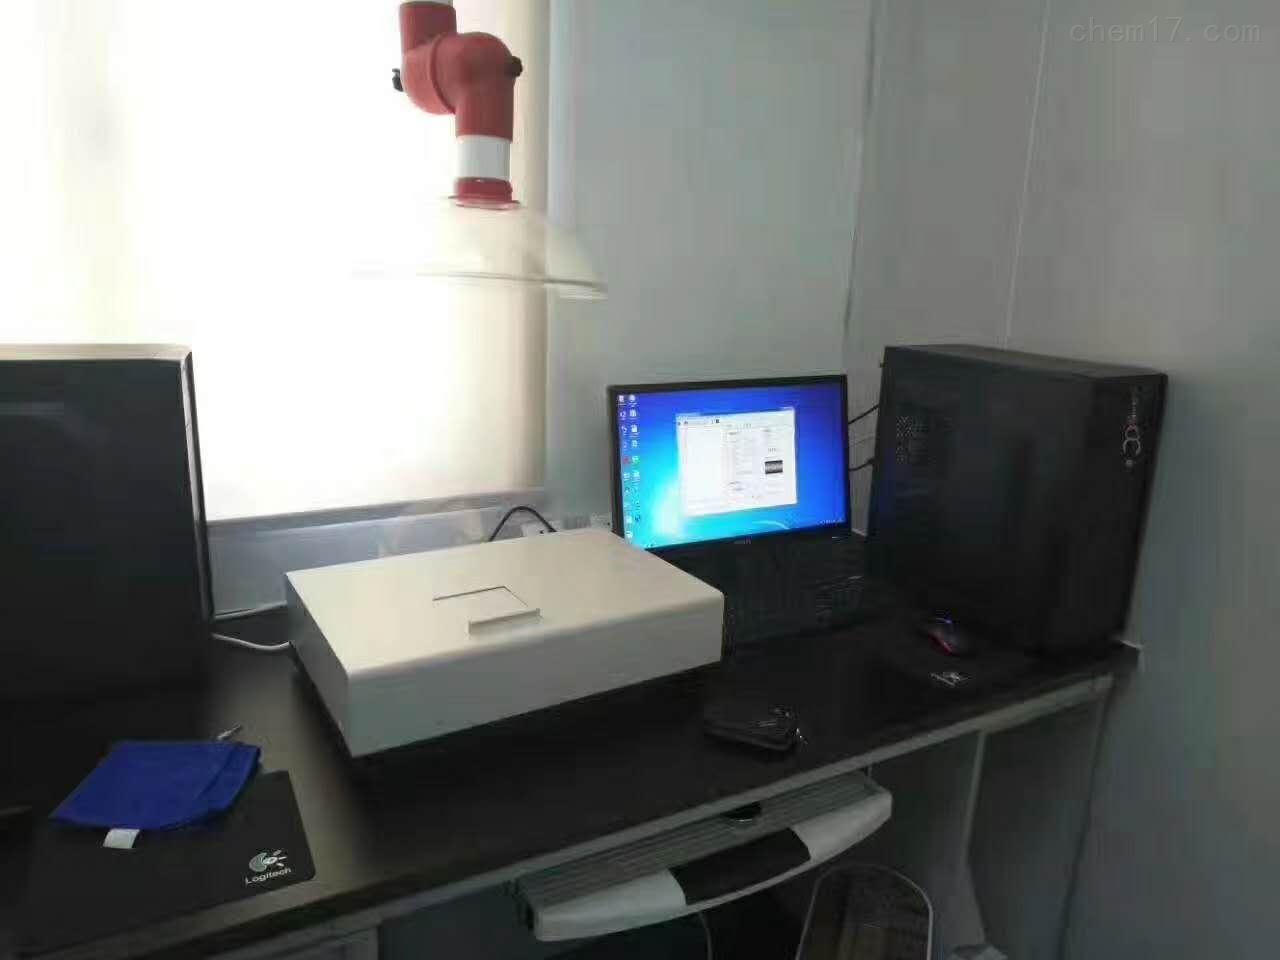 HJ637-2012固定染源废气油雾测定仪